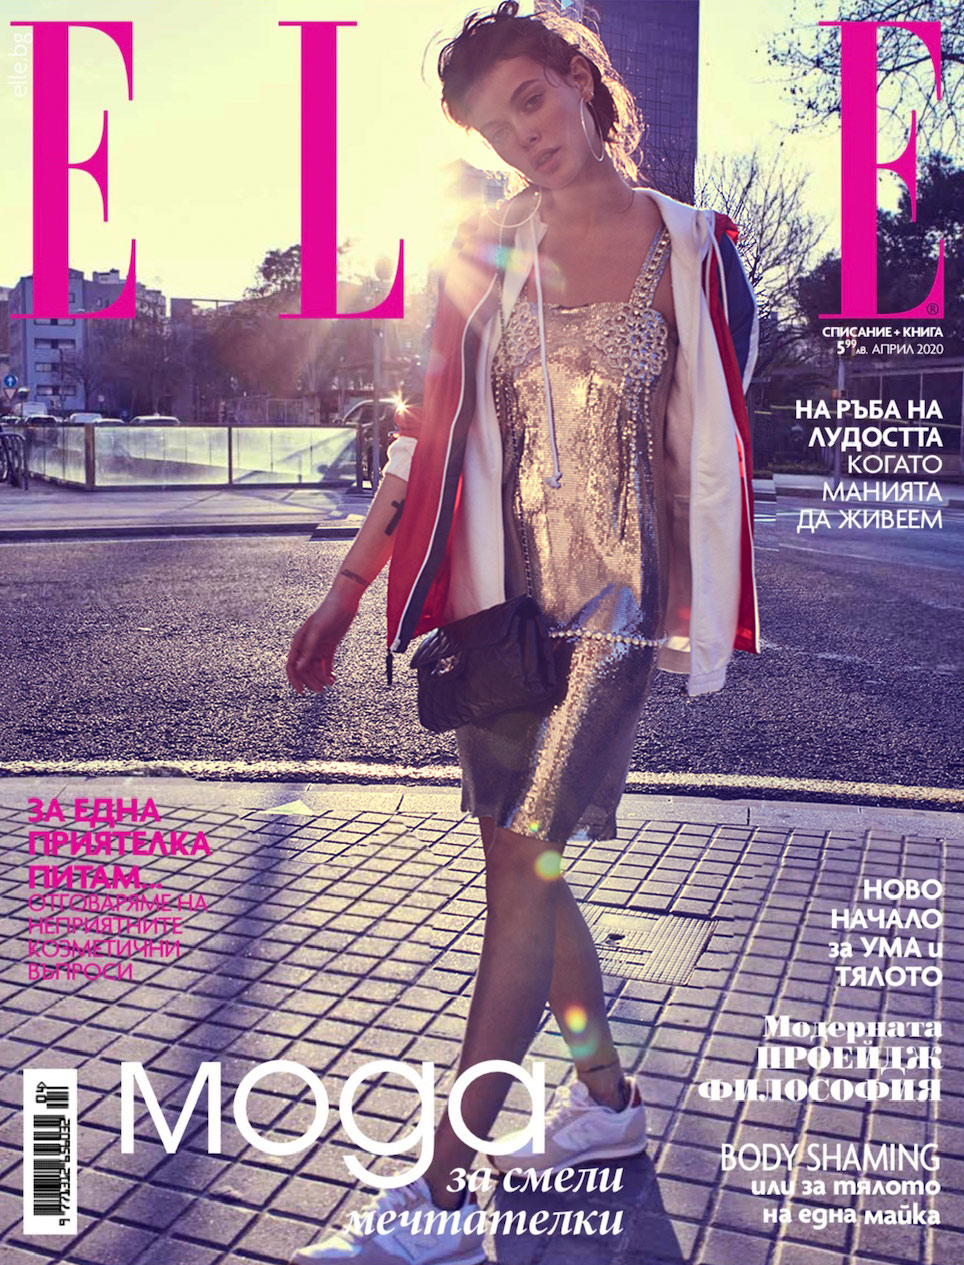 ELLE Urban Sporty, fashion aEditorial